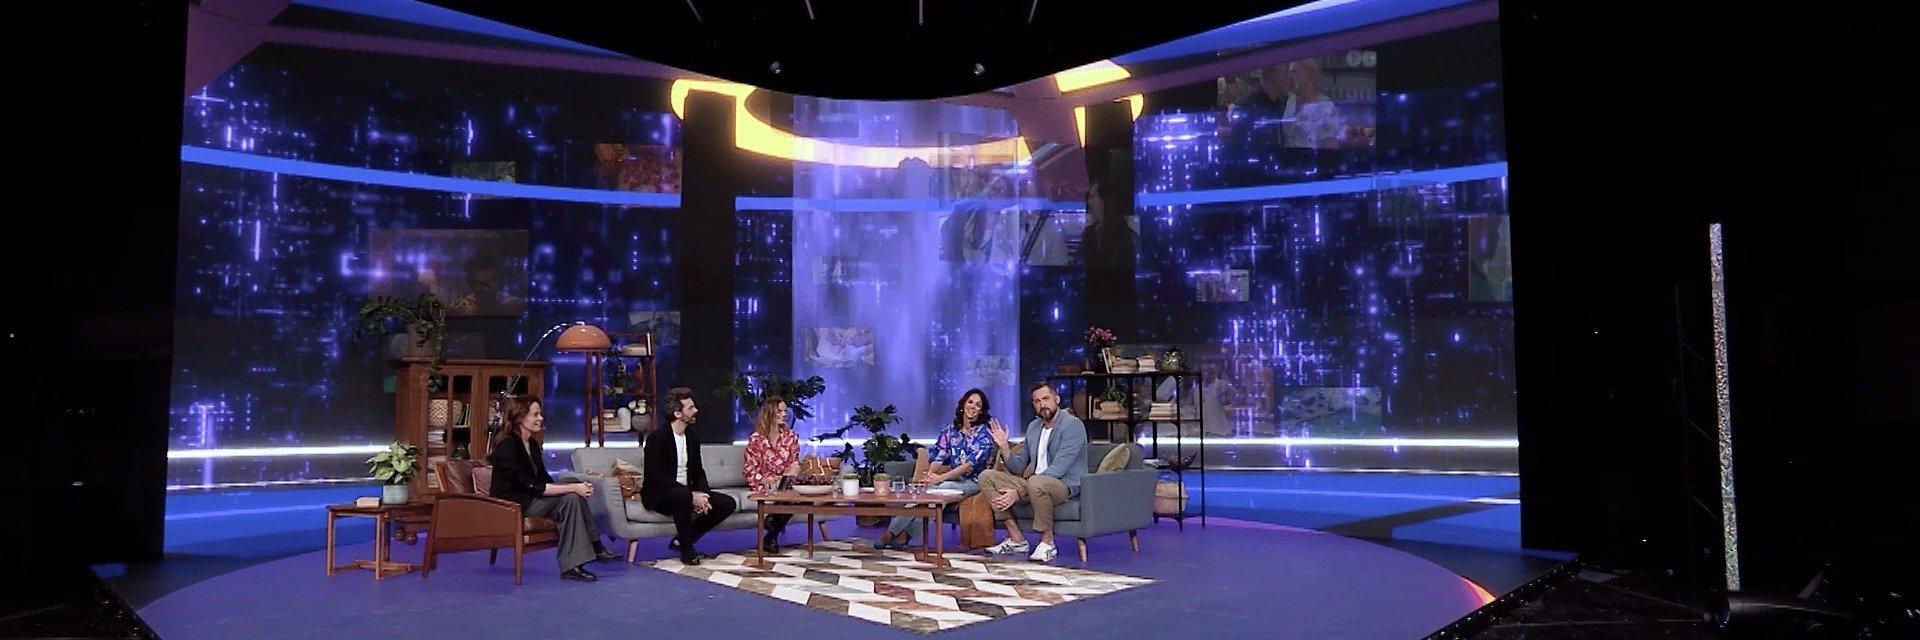 TVN Grupa Discovery z innowacyjnym wirtualnym studiem telewizyjnym